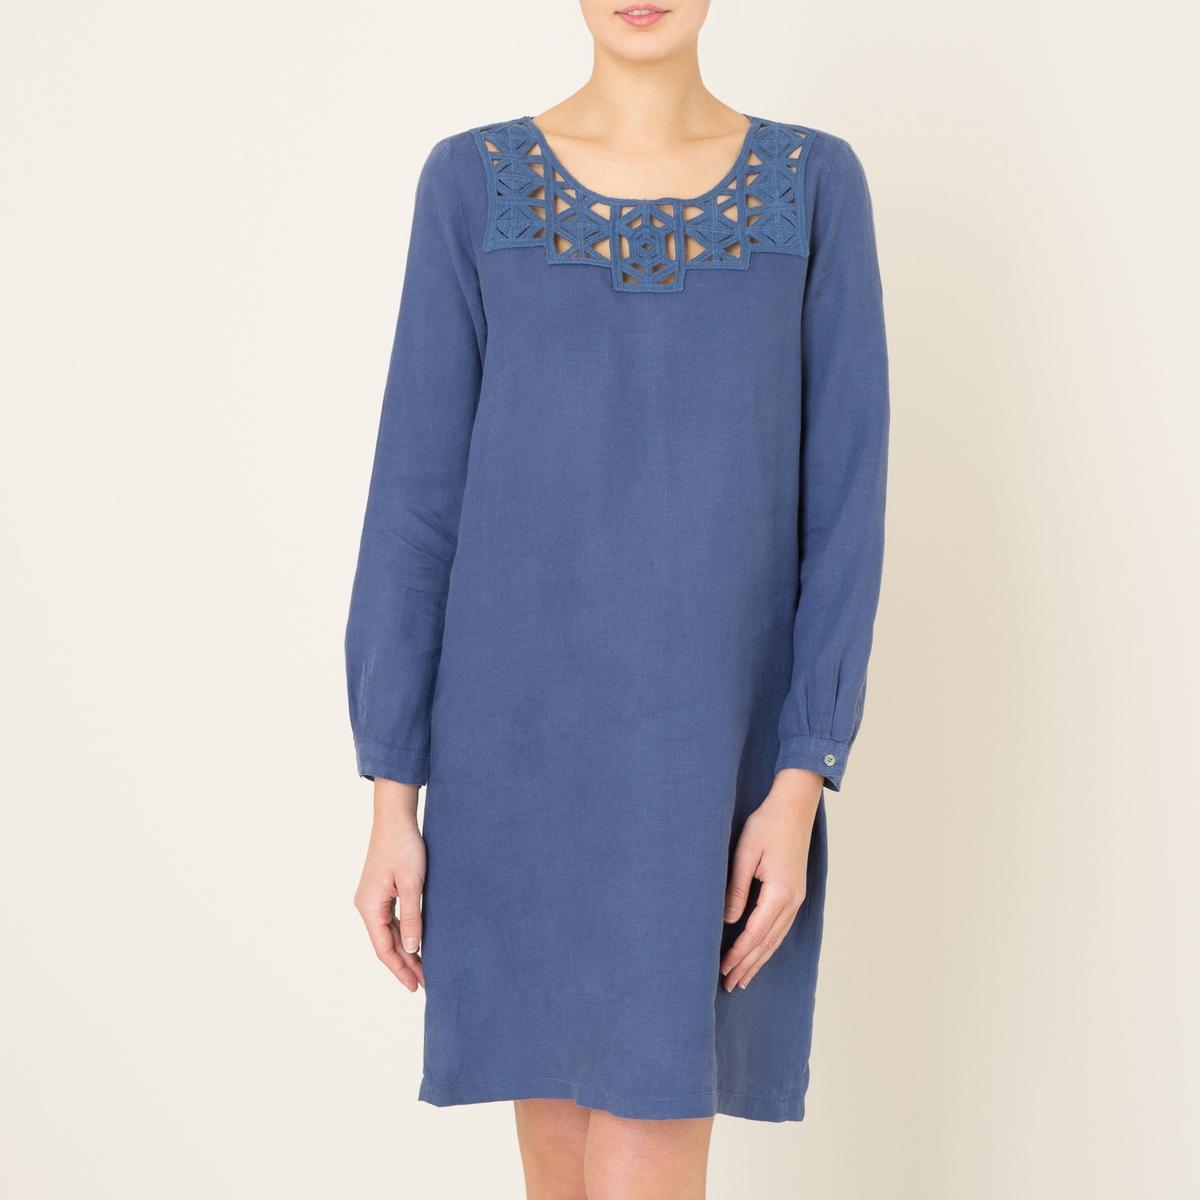 Платье из льнаПлатье короткое HARTFORD - форма фуляр, из льна со вставкой макраме . Круглый вырез , однотонная вставка макраме . Длинные рукава с втачной манжетой-браслетом на пуговицах и со складками . Состав и описание    Материал : 100% лен   Длина : 88 см. для размера 36   Марка : HARTFORD<br><br>Цвет: синий